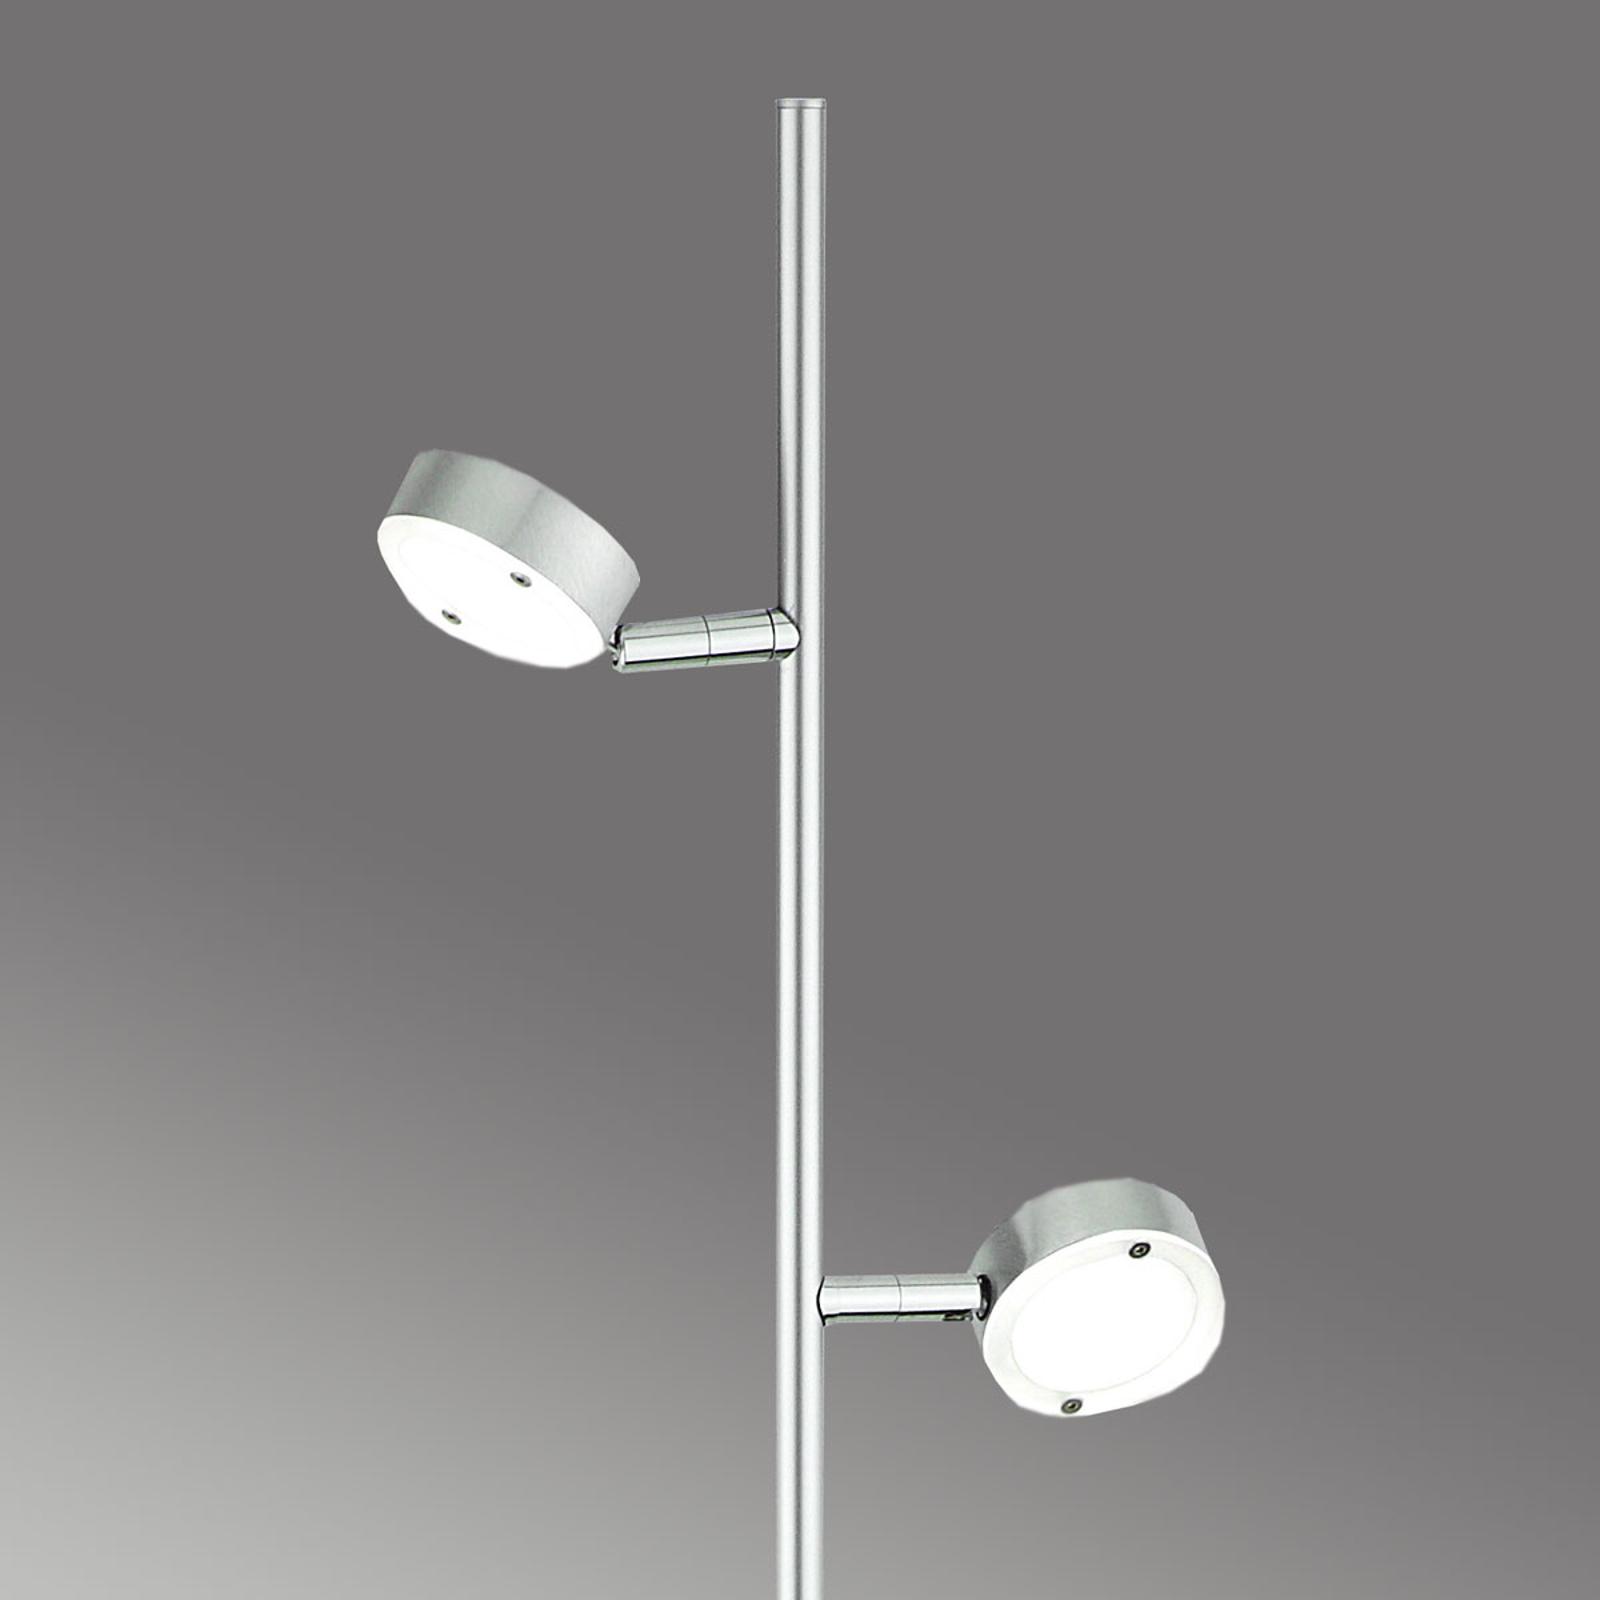 Minimalistische LED-Stehleuchte SATURN, 2-flammig